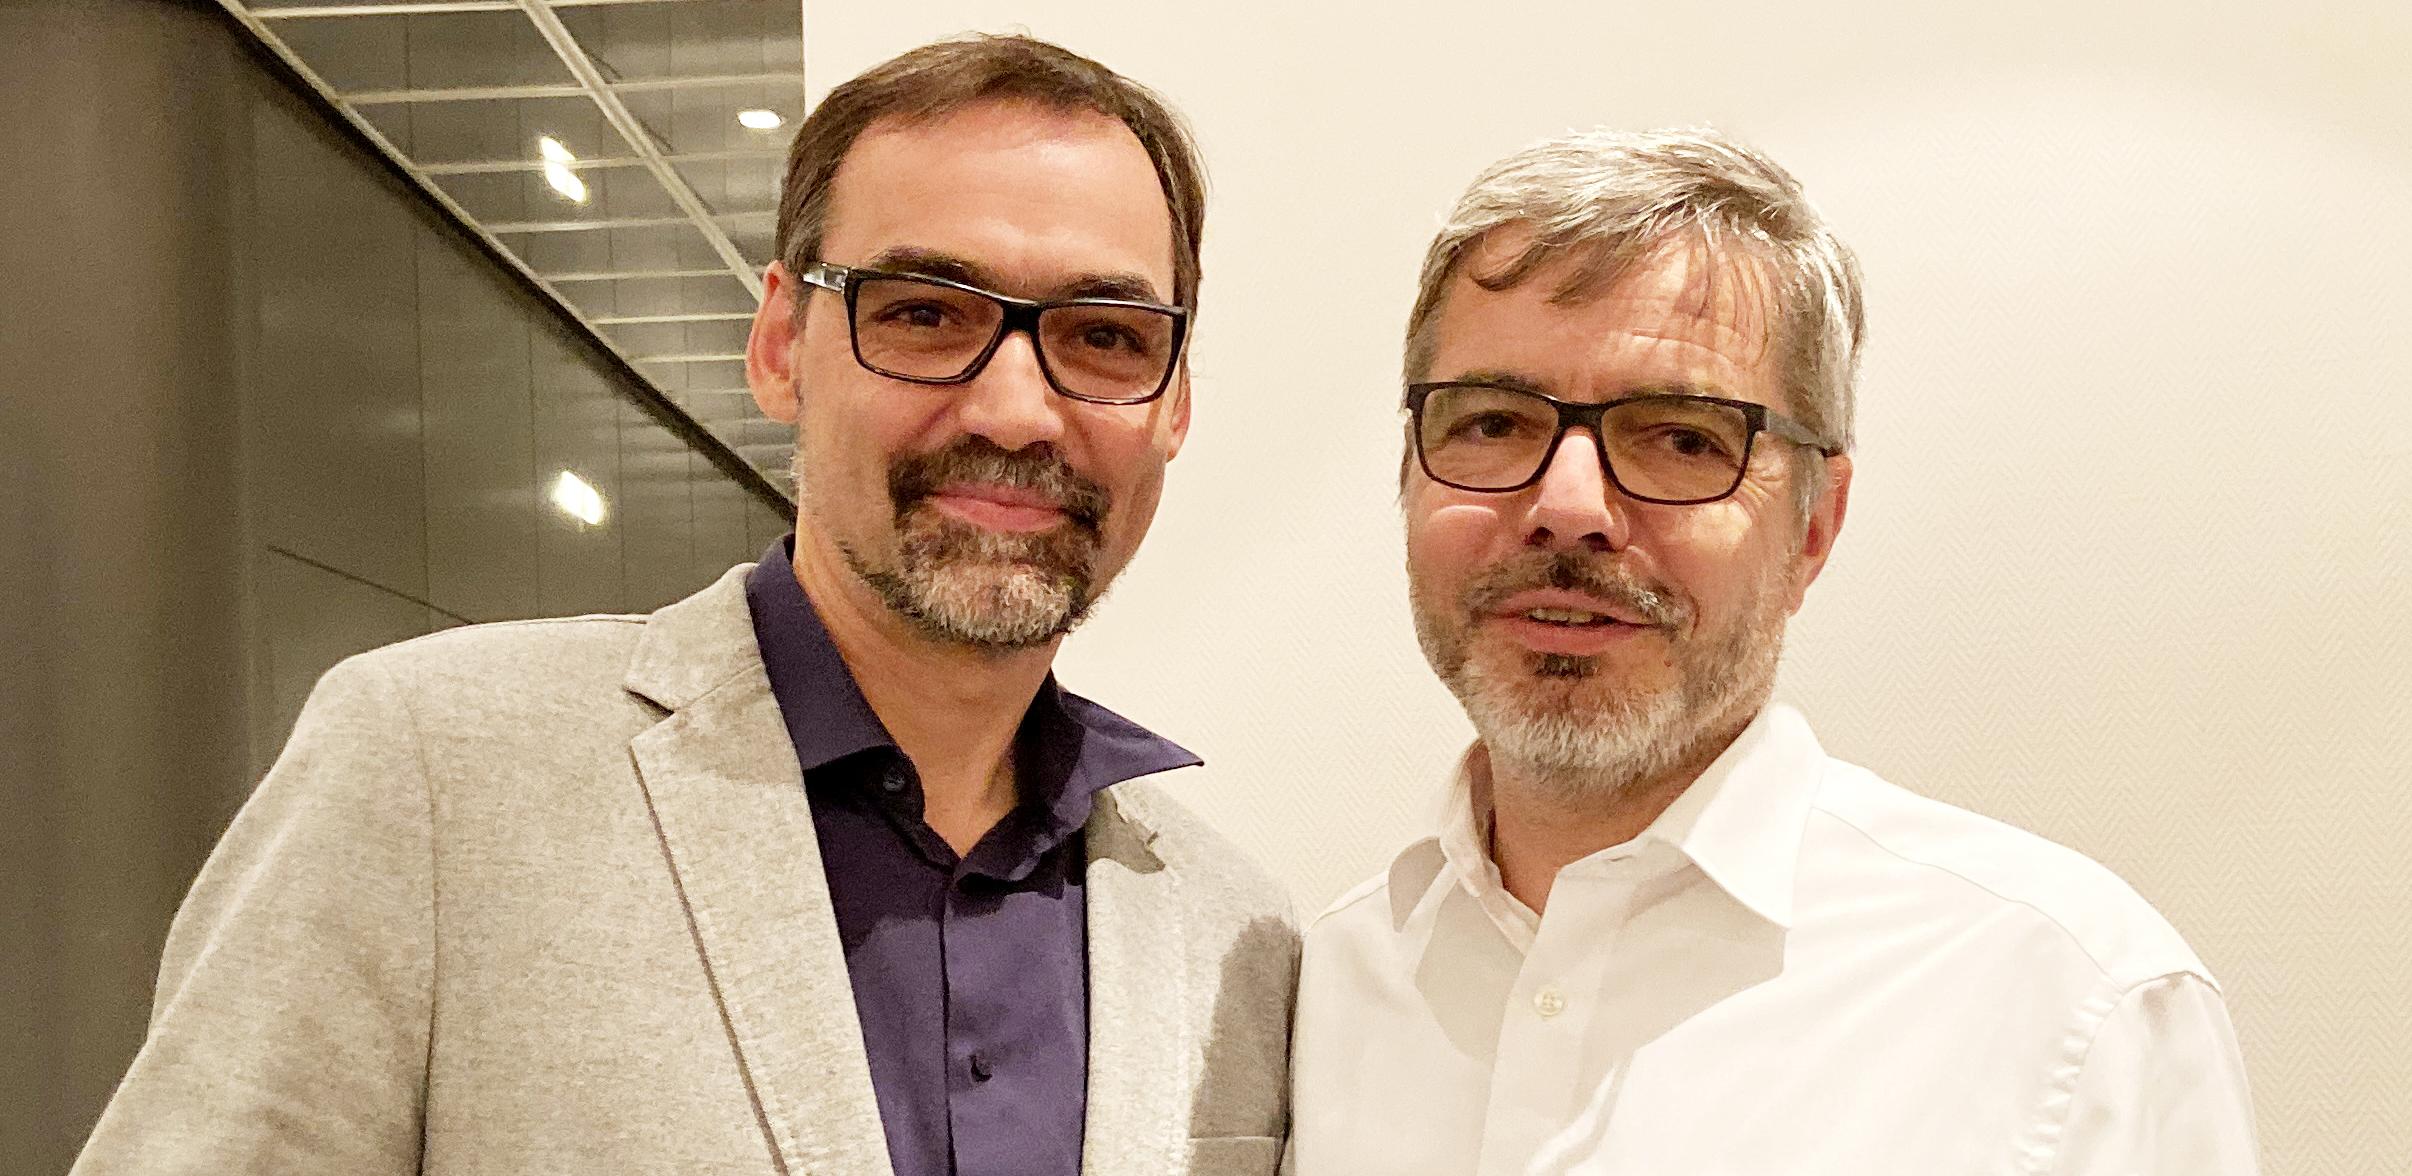 Im November 2019 wählt die Mitgliederversammlung ein neues Präsidium. Sven Taubert übernimmt den Verbandsvorsitz von Prof. Dr. Jan Raue. Foto: Gudrun von Schoenebeck